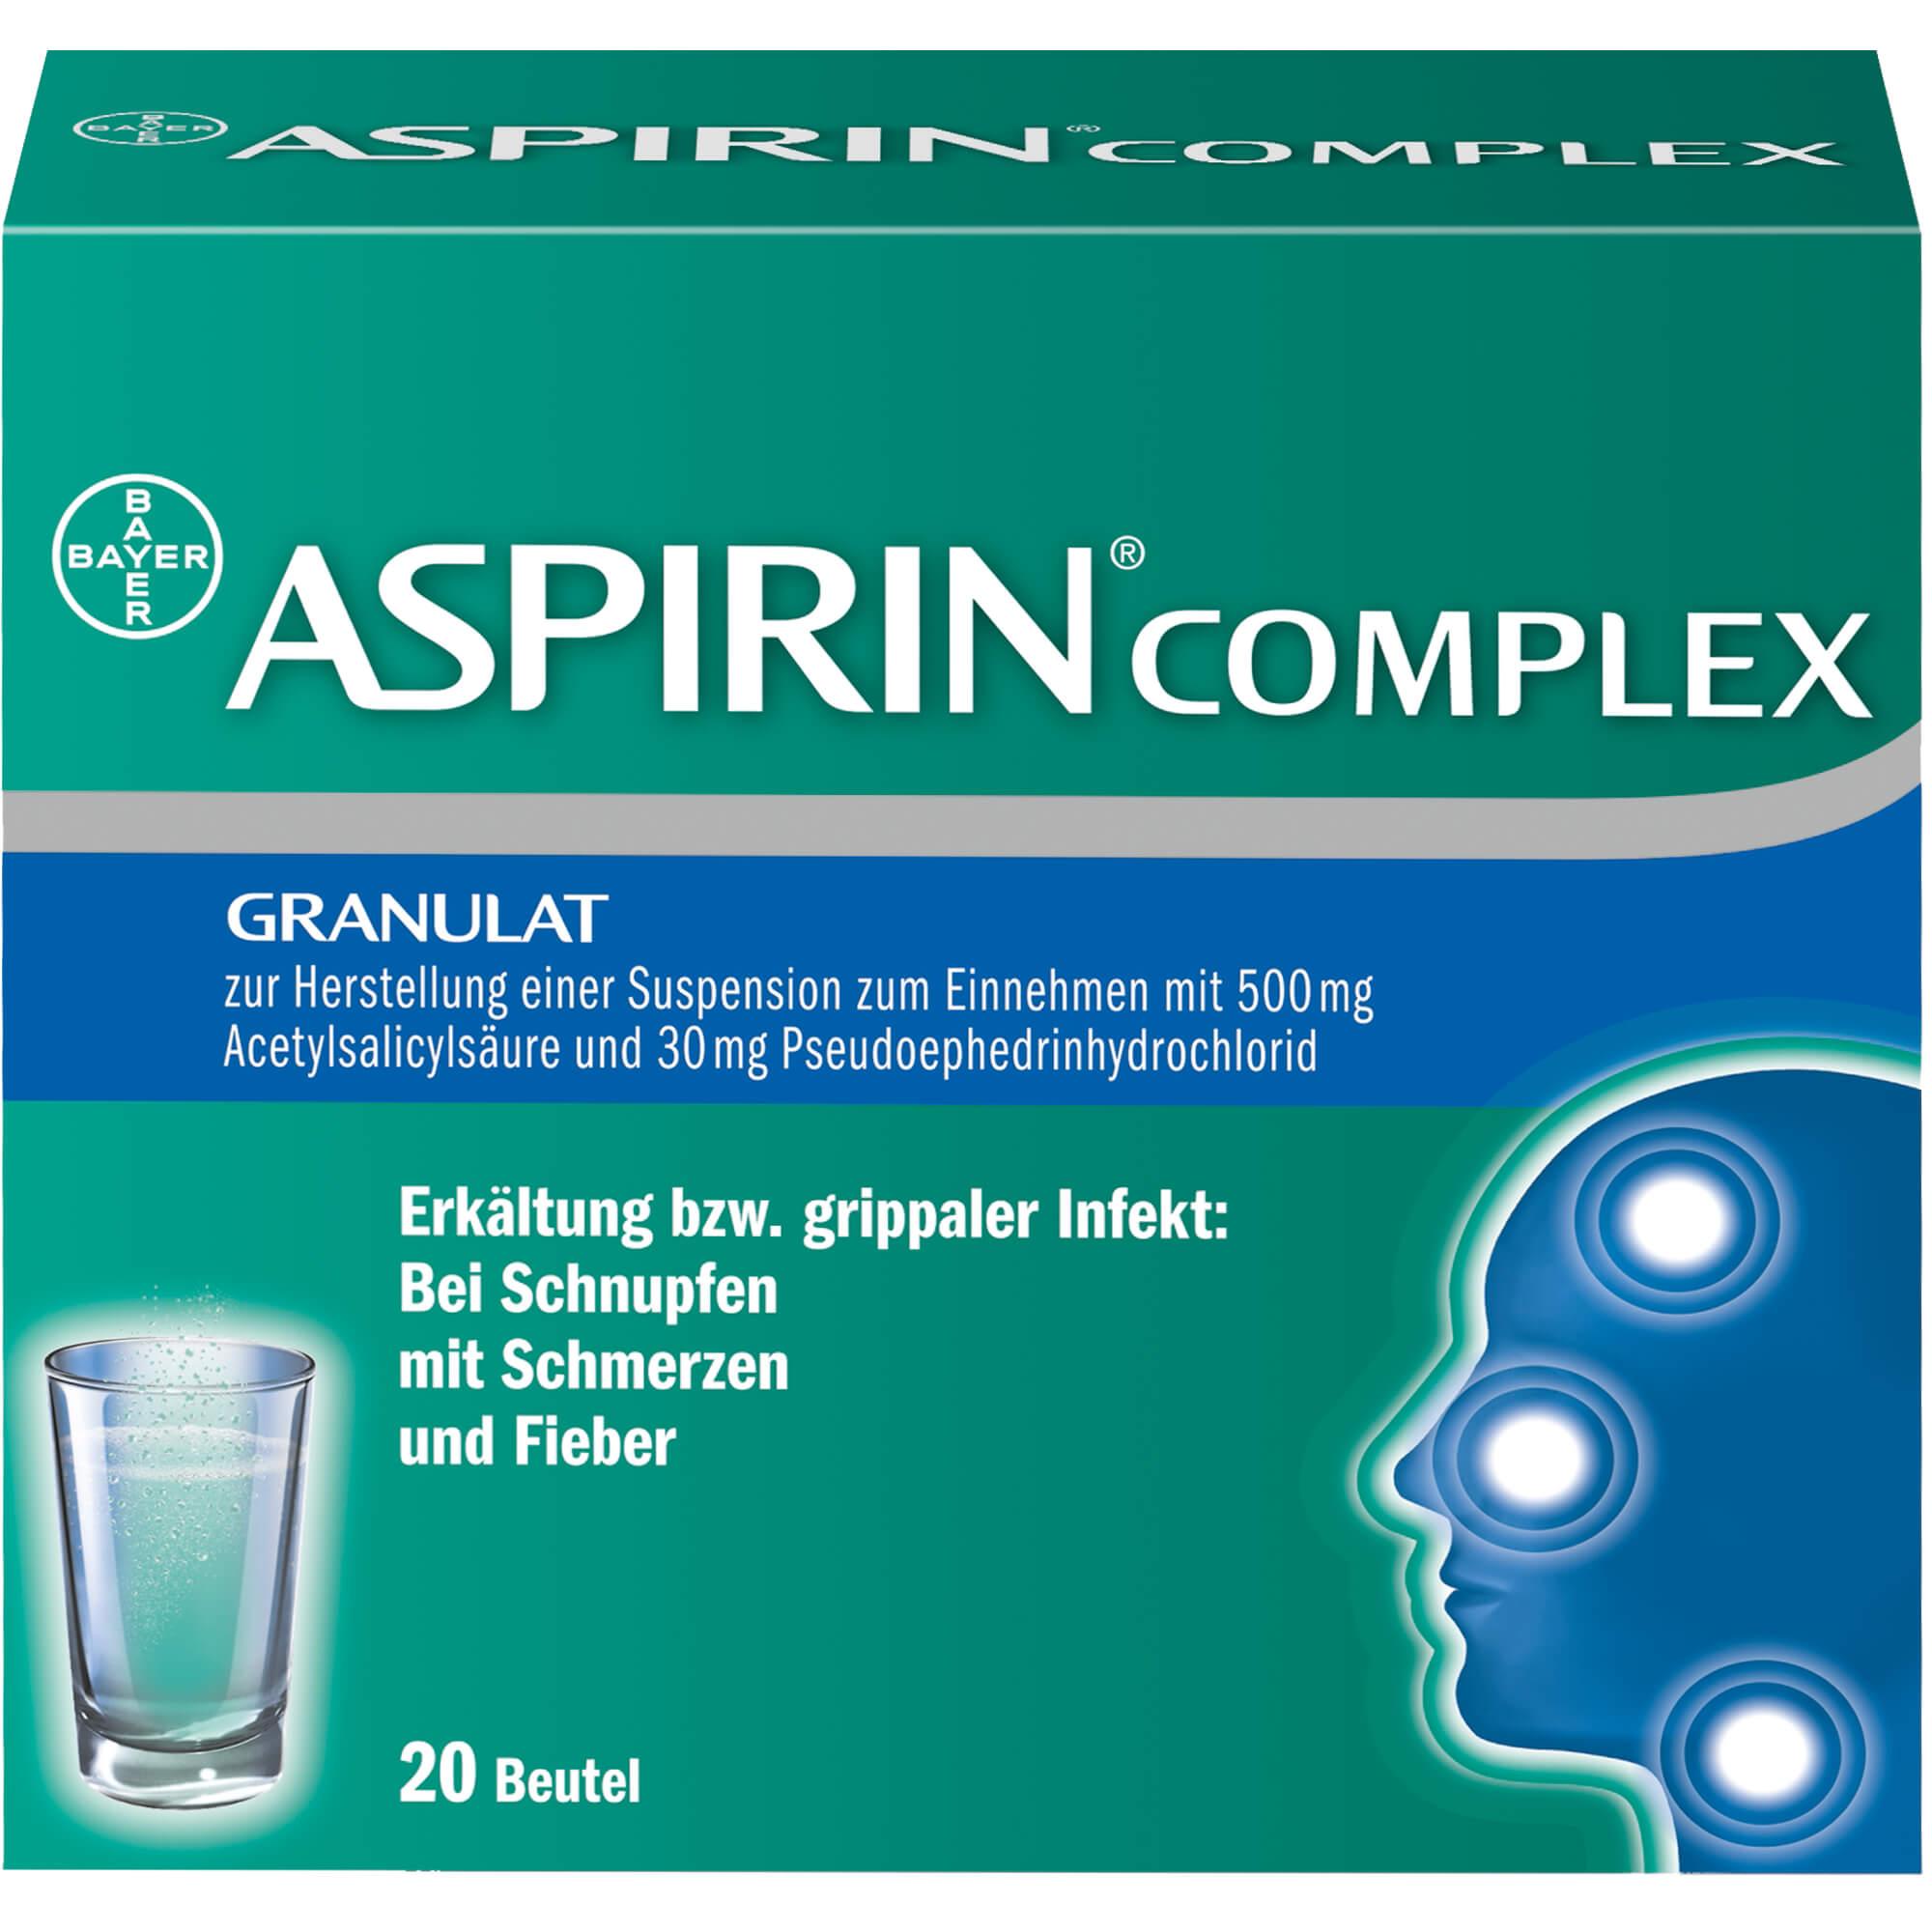 ASPIRIN-COMPLEX-20-Beutel